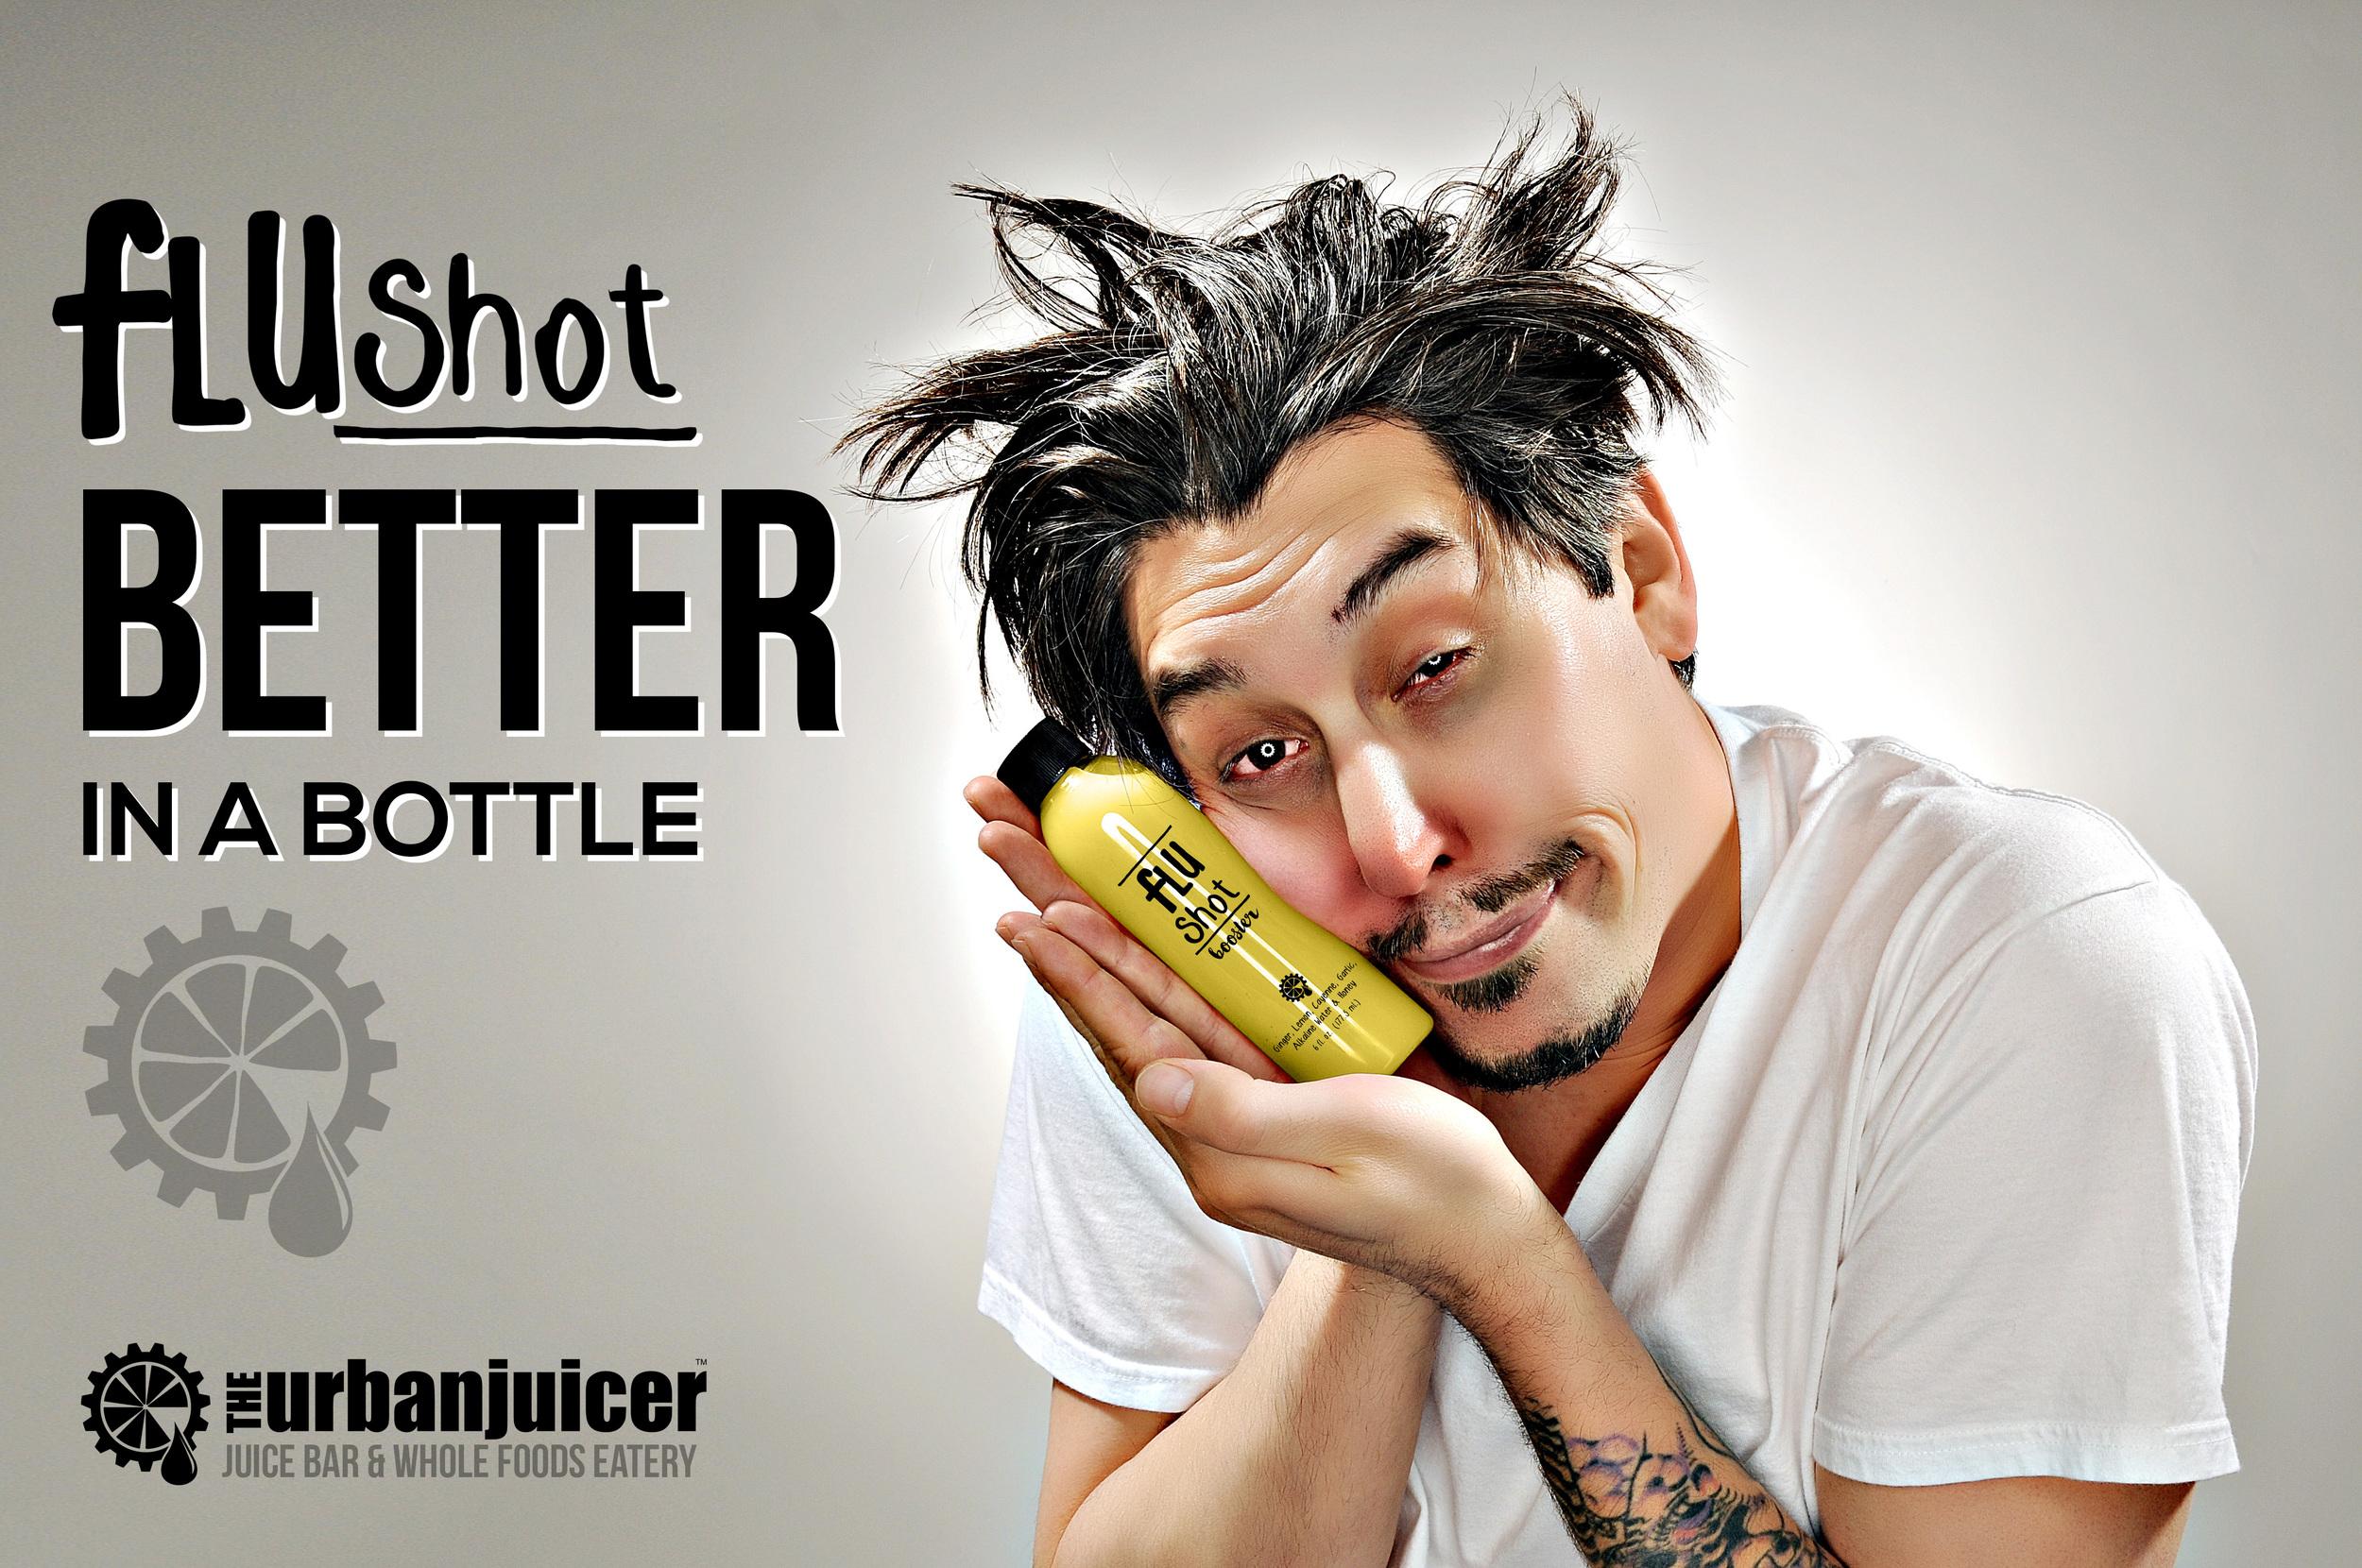 Dustin-Flu-Shot-White-BG.jpg